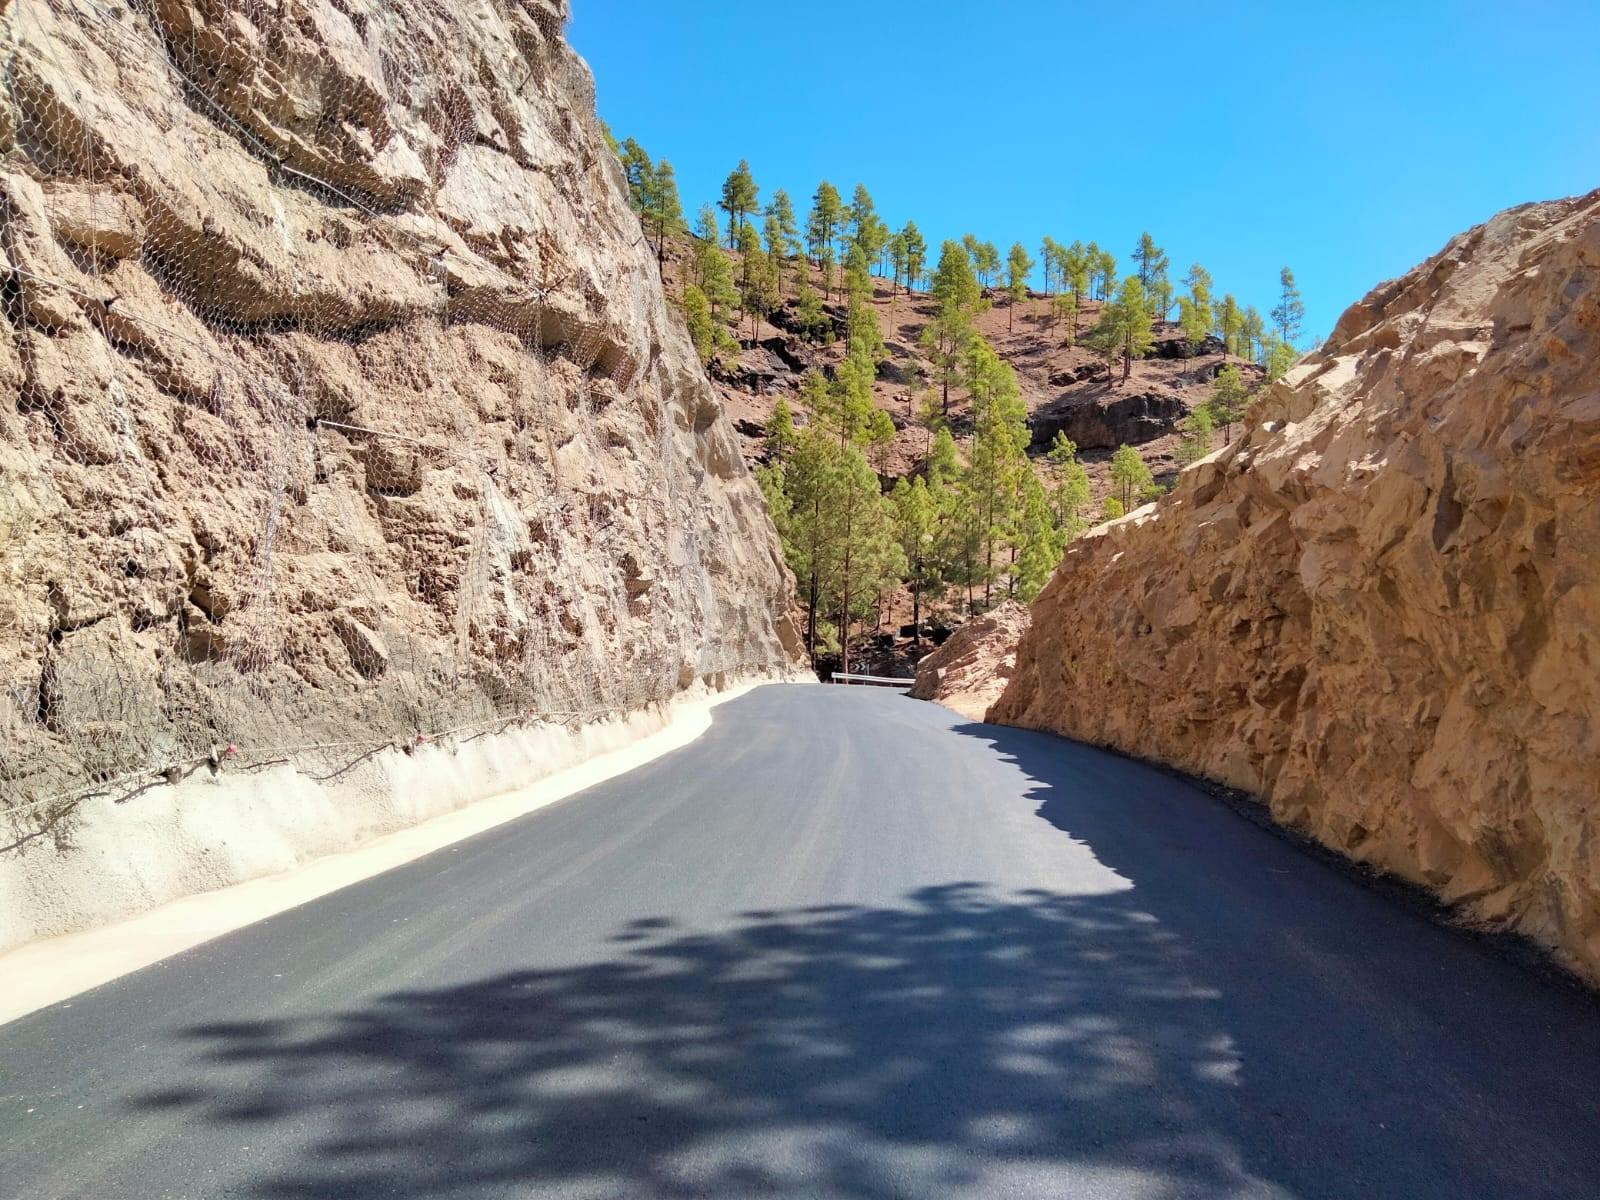 Reabre al tráfico la GC-605, la carretera de acceso a la presa de Las Niñas / CanariasNoticias.es